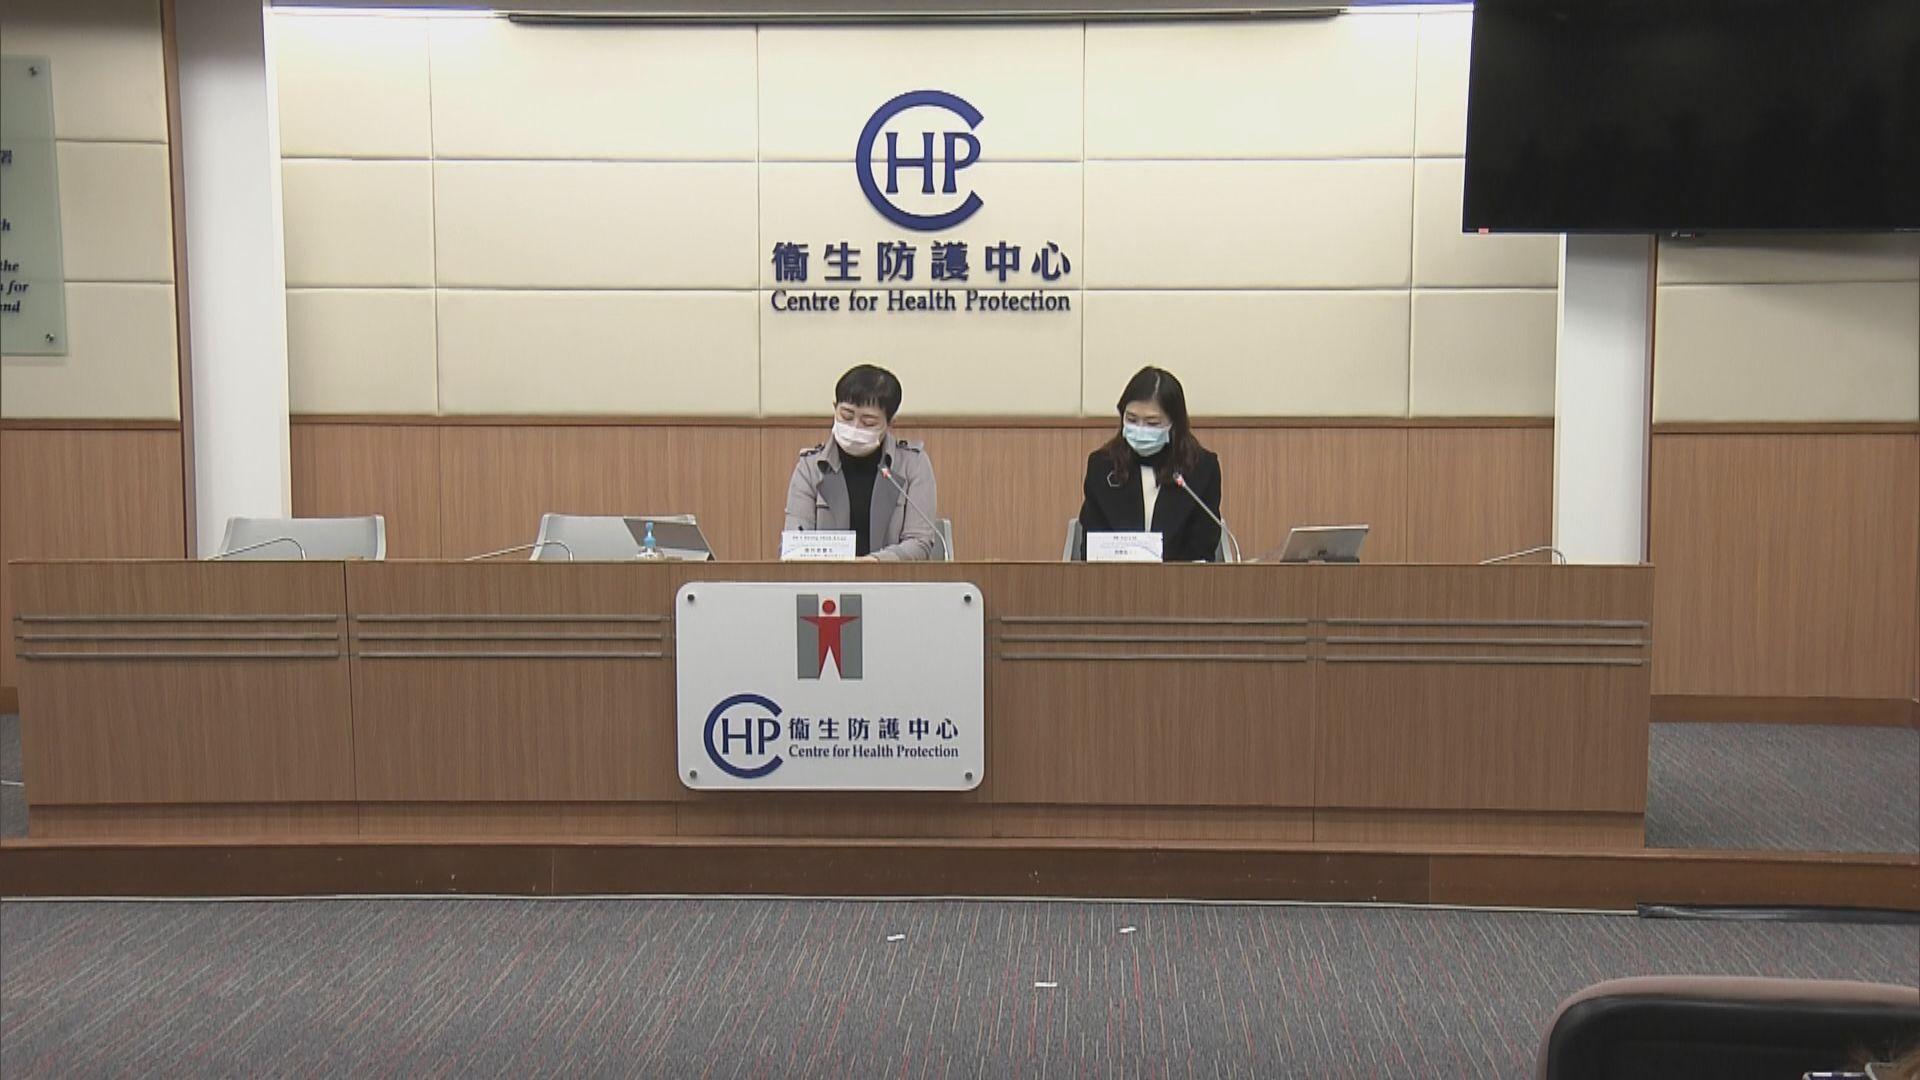 消息:新增逾五十宗確診 疫情記者會下午在政總舉行